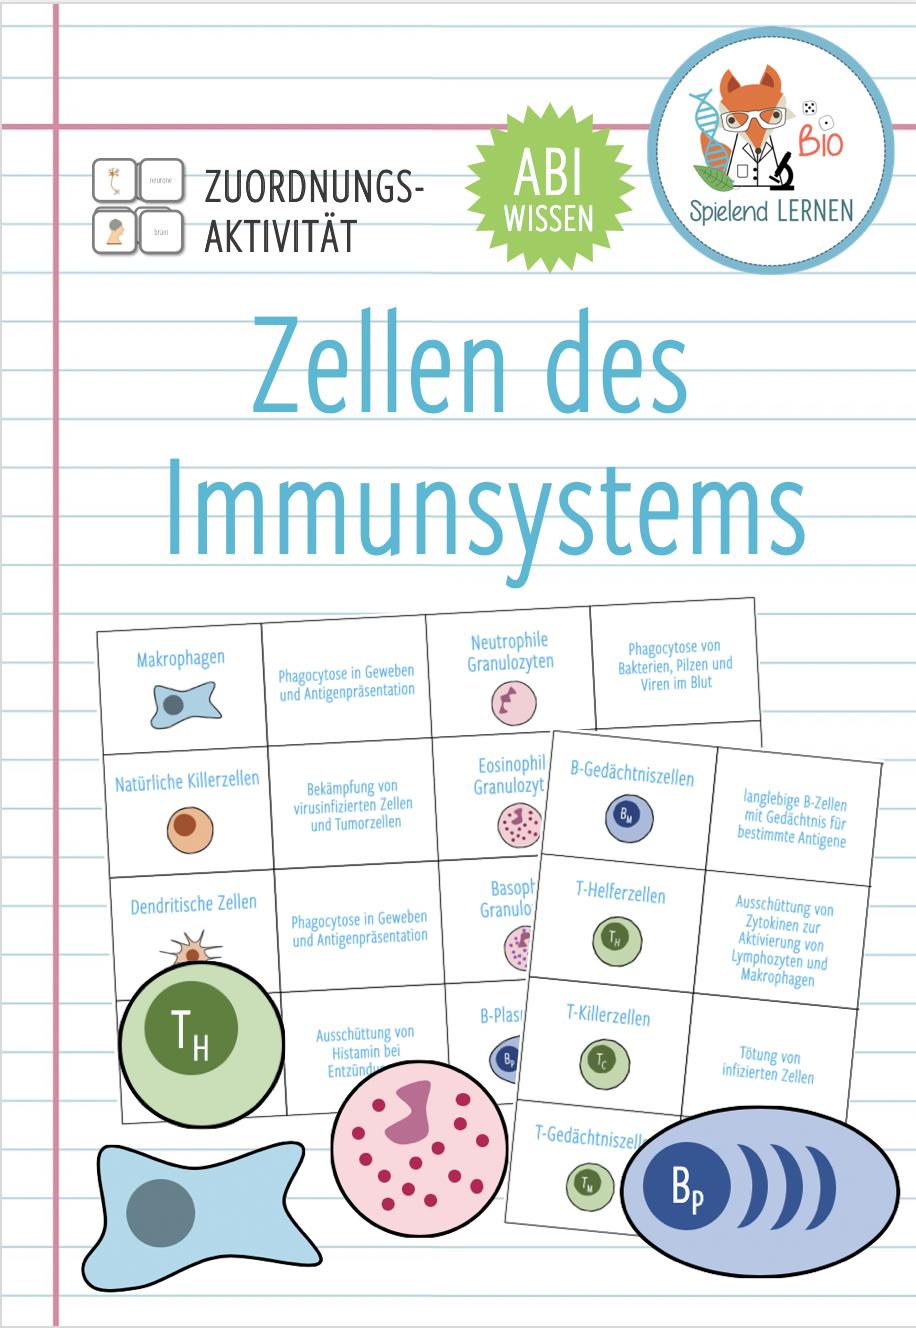 Zellen des Immunsystems– Zuordnungsaktivität / Paare Finden Spiel ...